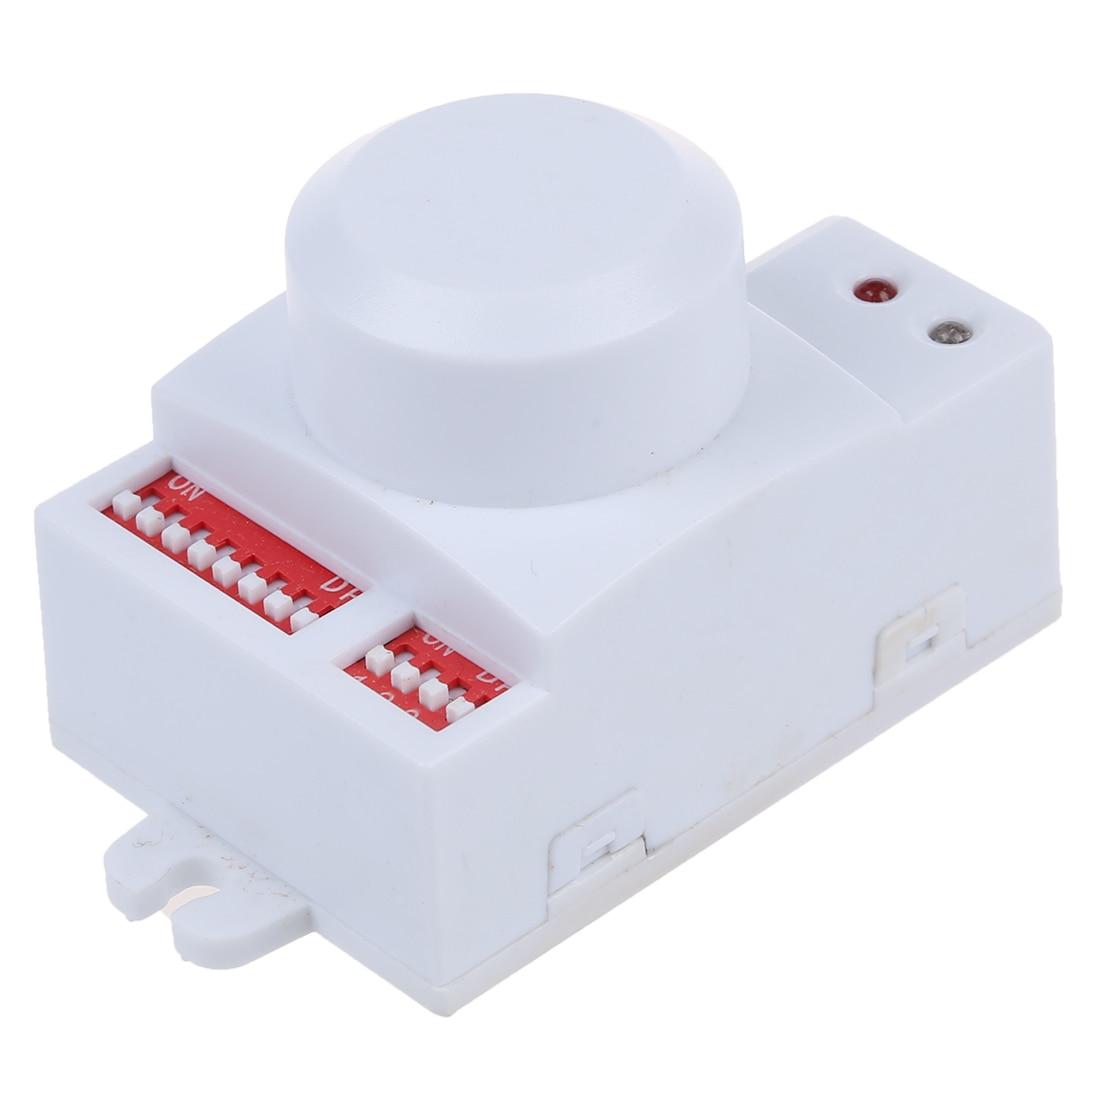 купить WSFS Hot Microwave motion sensor switch Doppler Radar Wireless Module for lighting 220V - White по цене 880.57 рублей